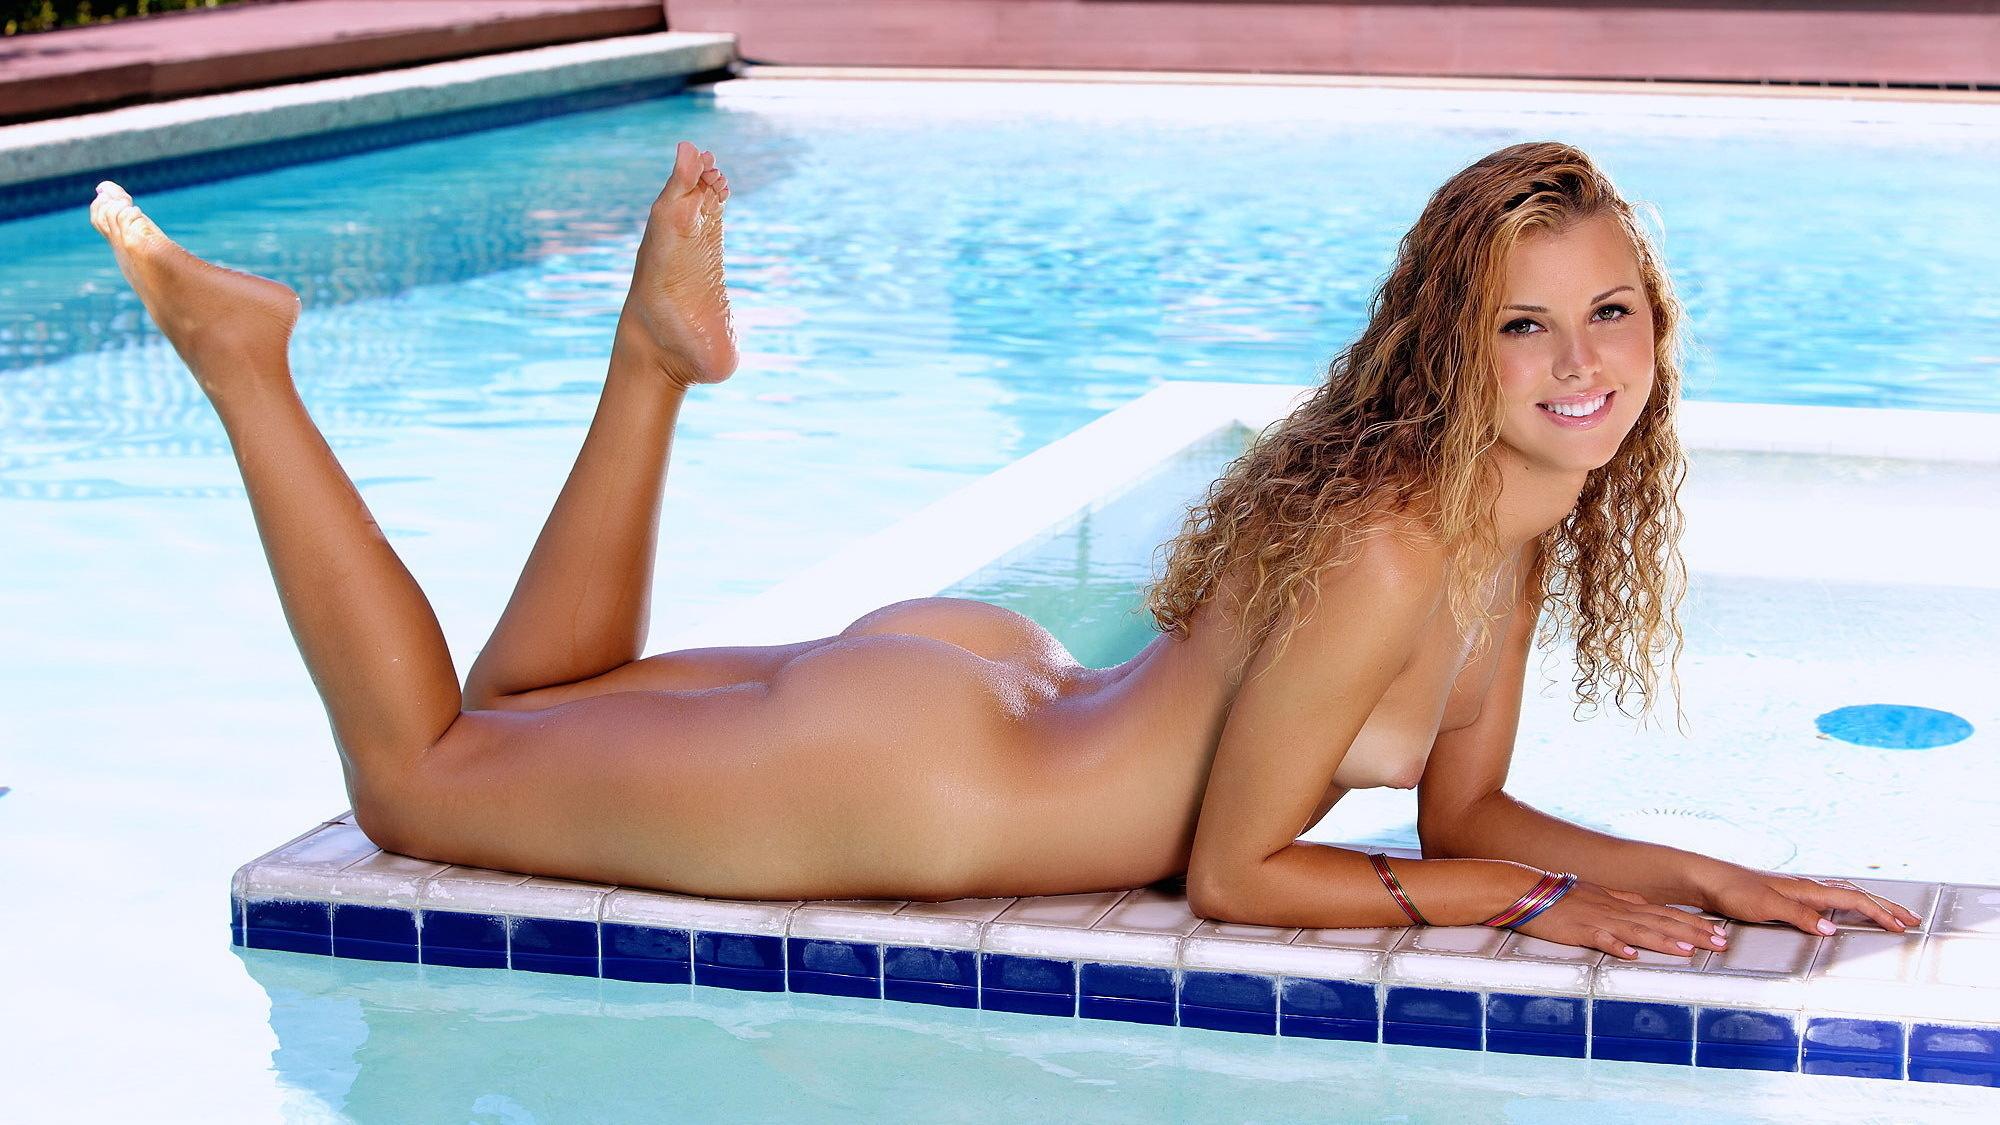 Секс с бразильянками у бассейна 15 фотография